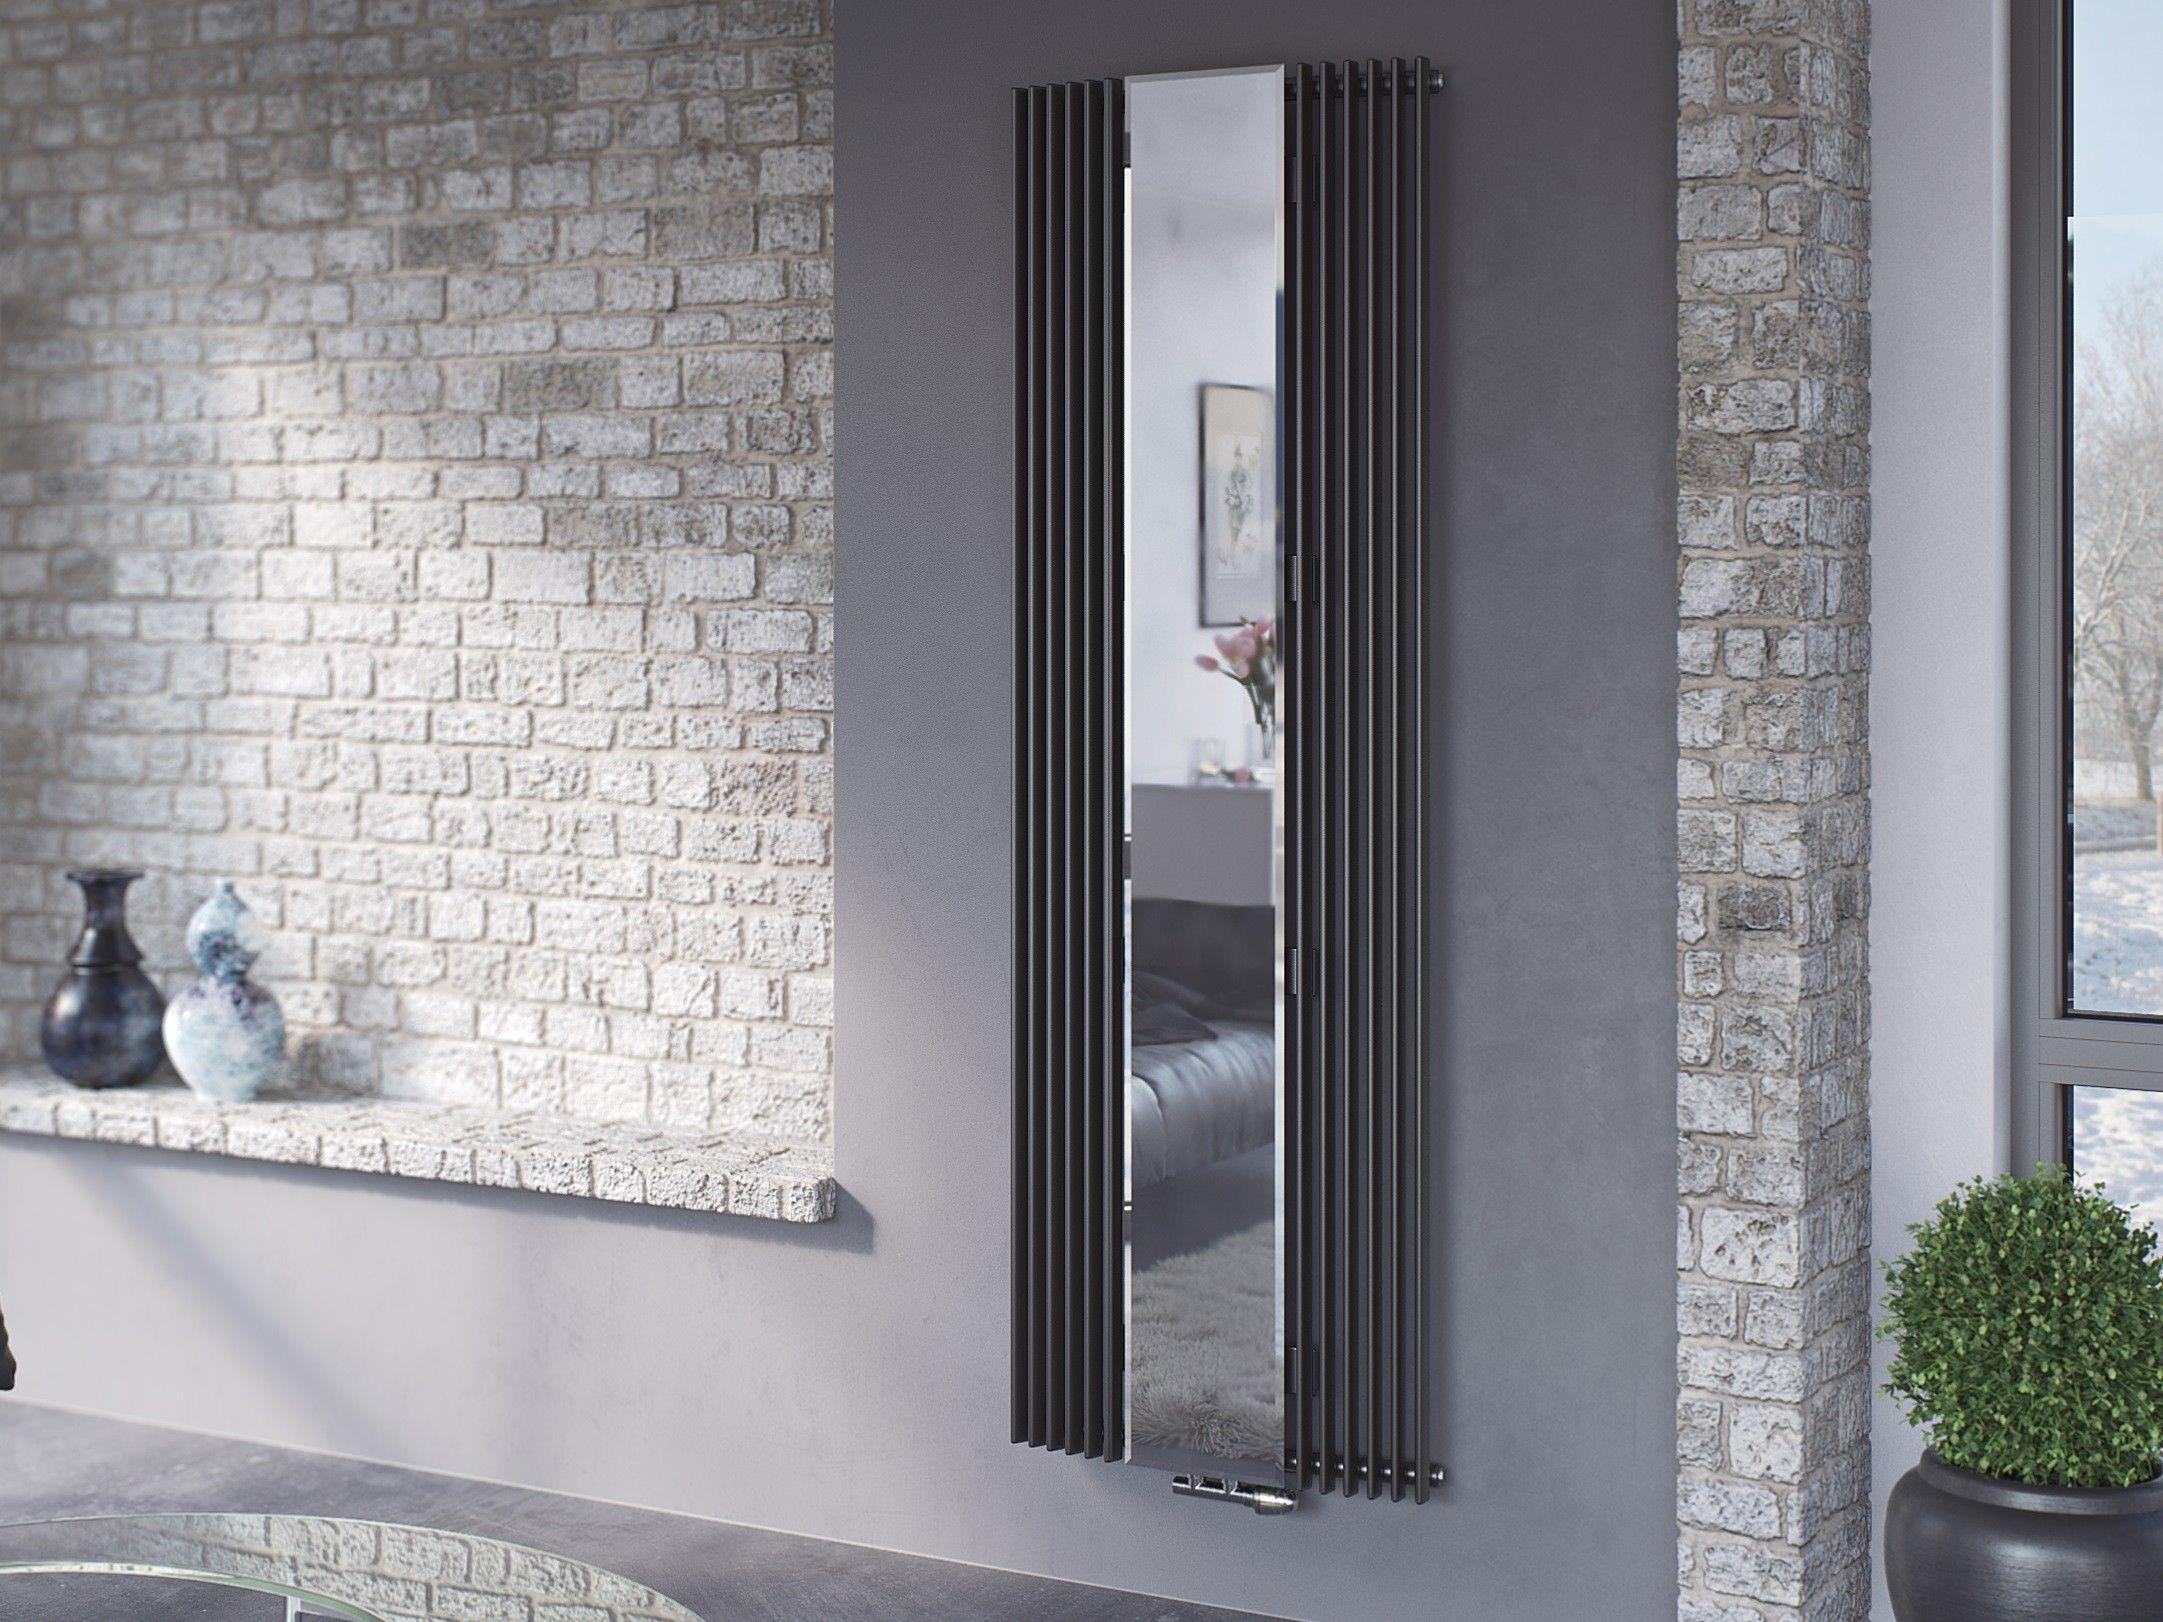 Röhrenheizkörper mit spiegel cm badezimmer wc house